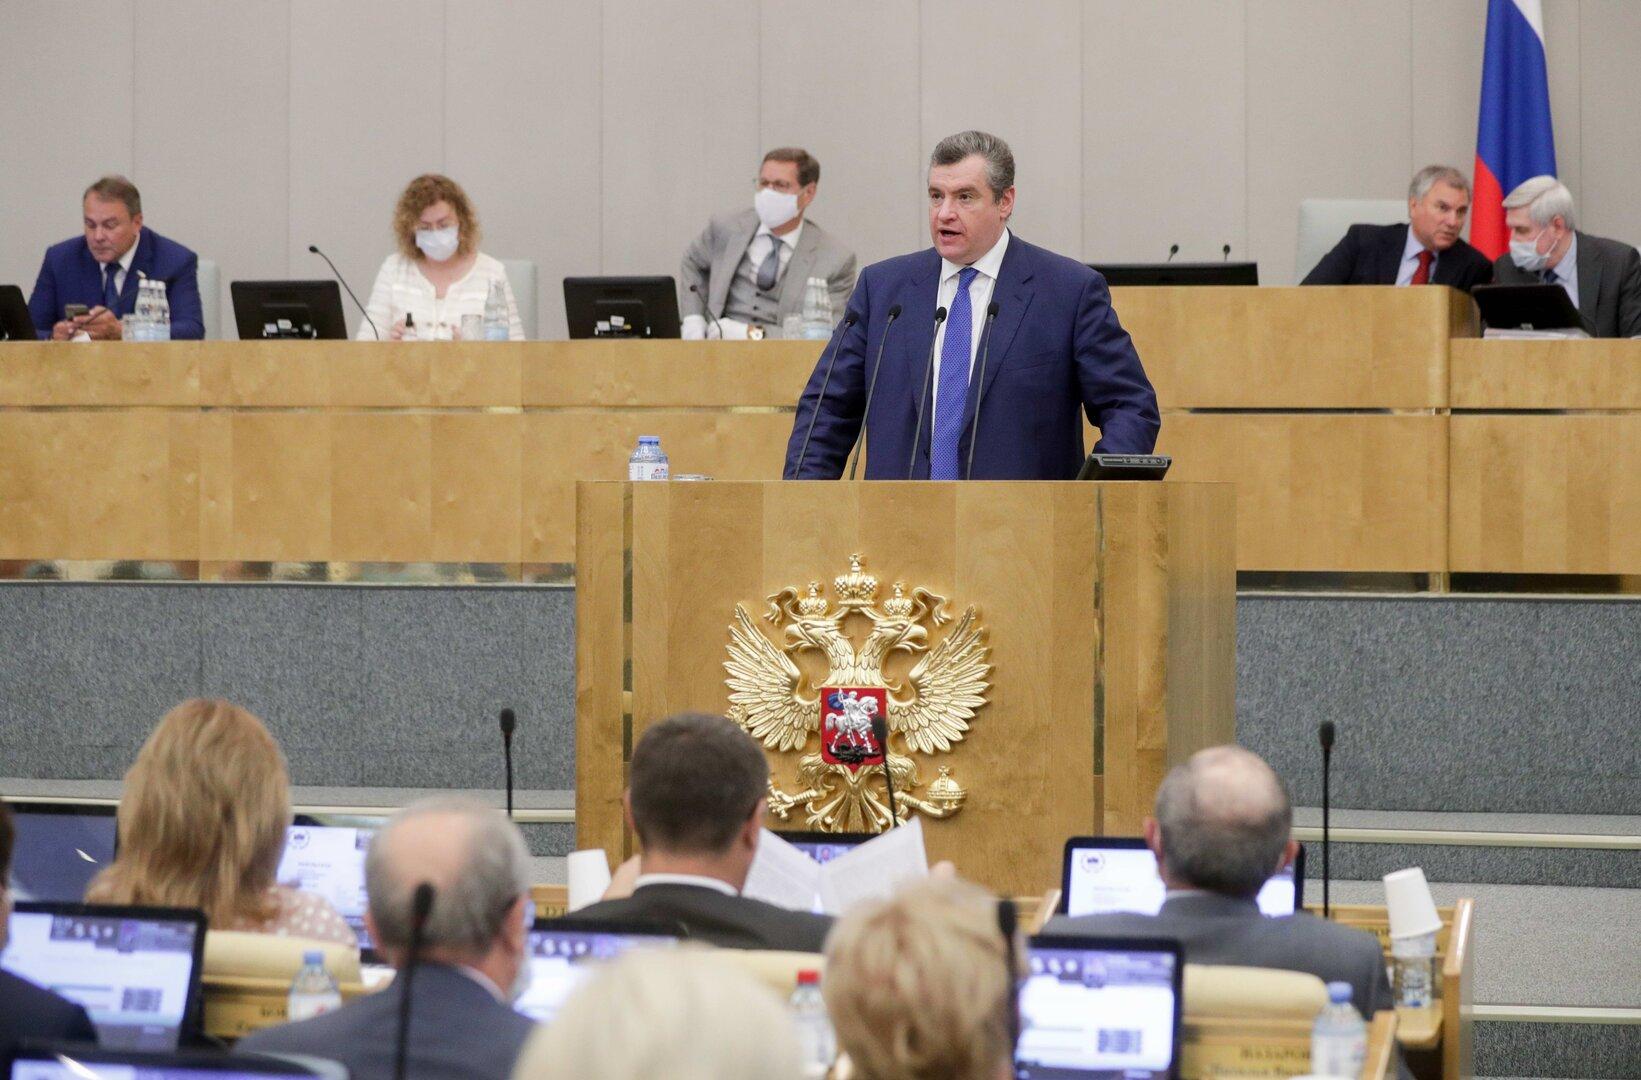 رئيس لجنة الشؤون الدولية لمجلس الدوما، ليونيد سلوتسكي